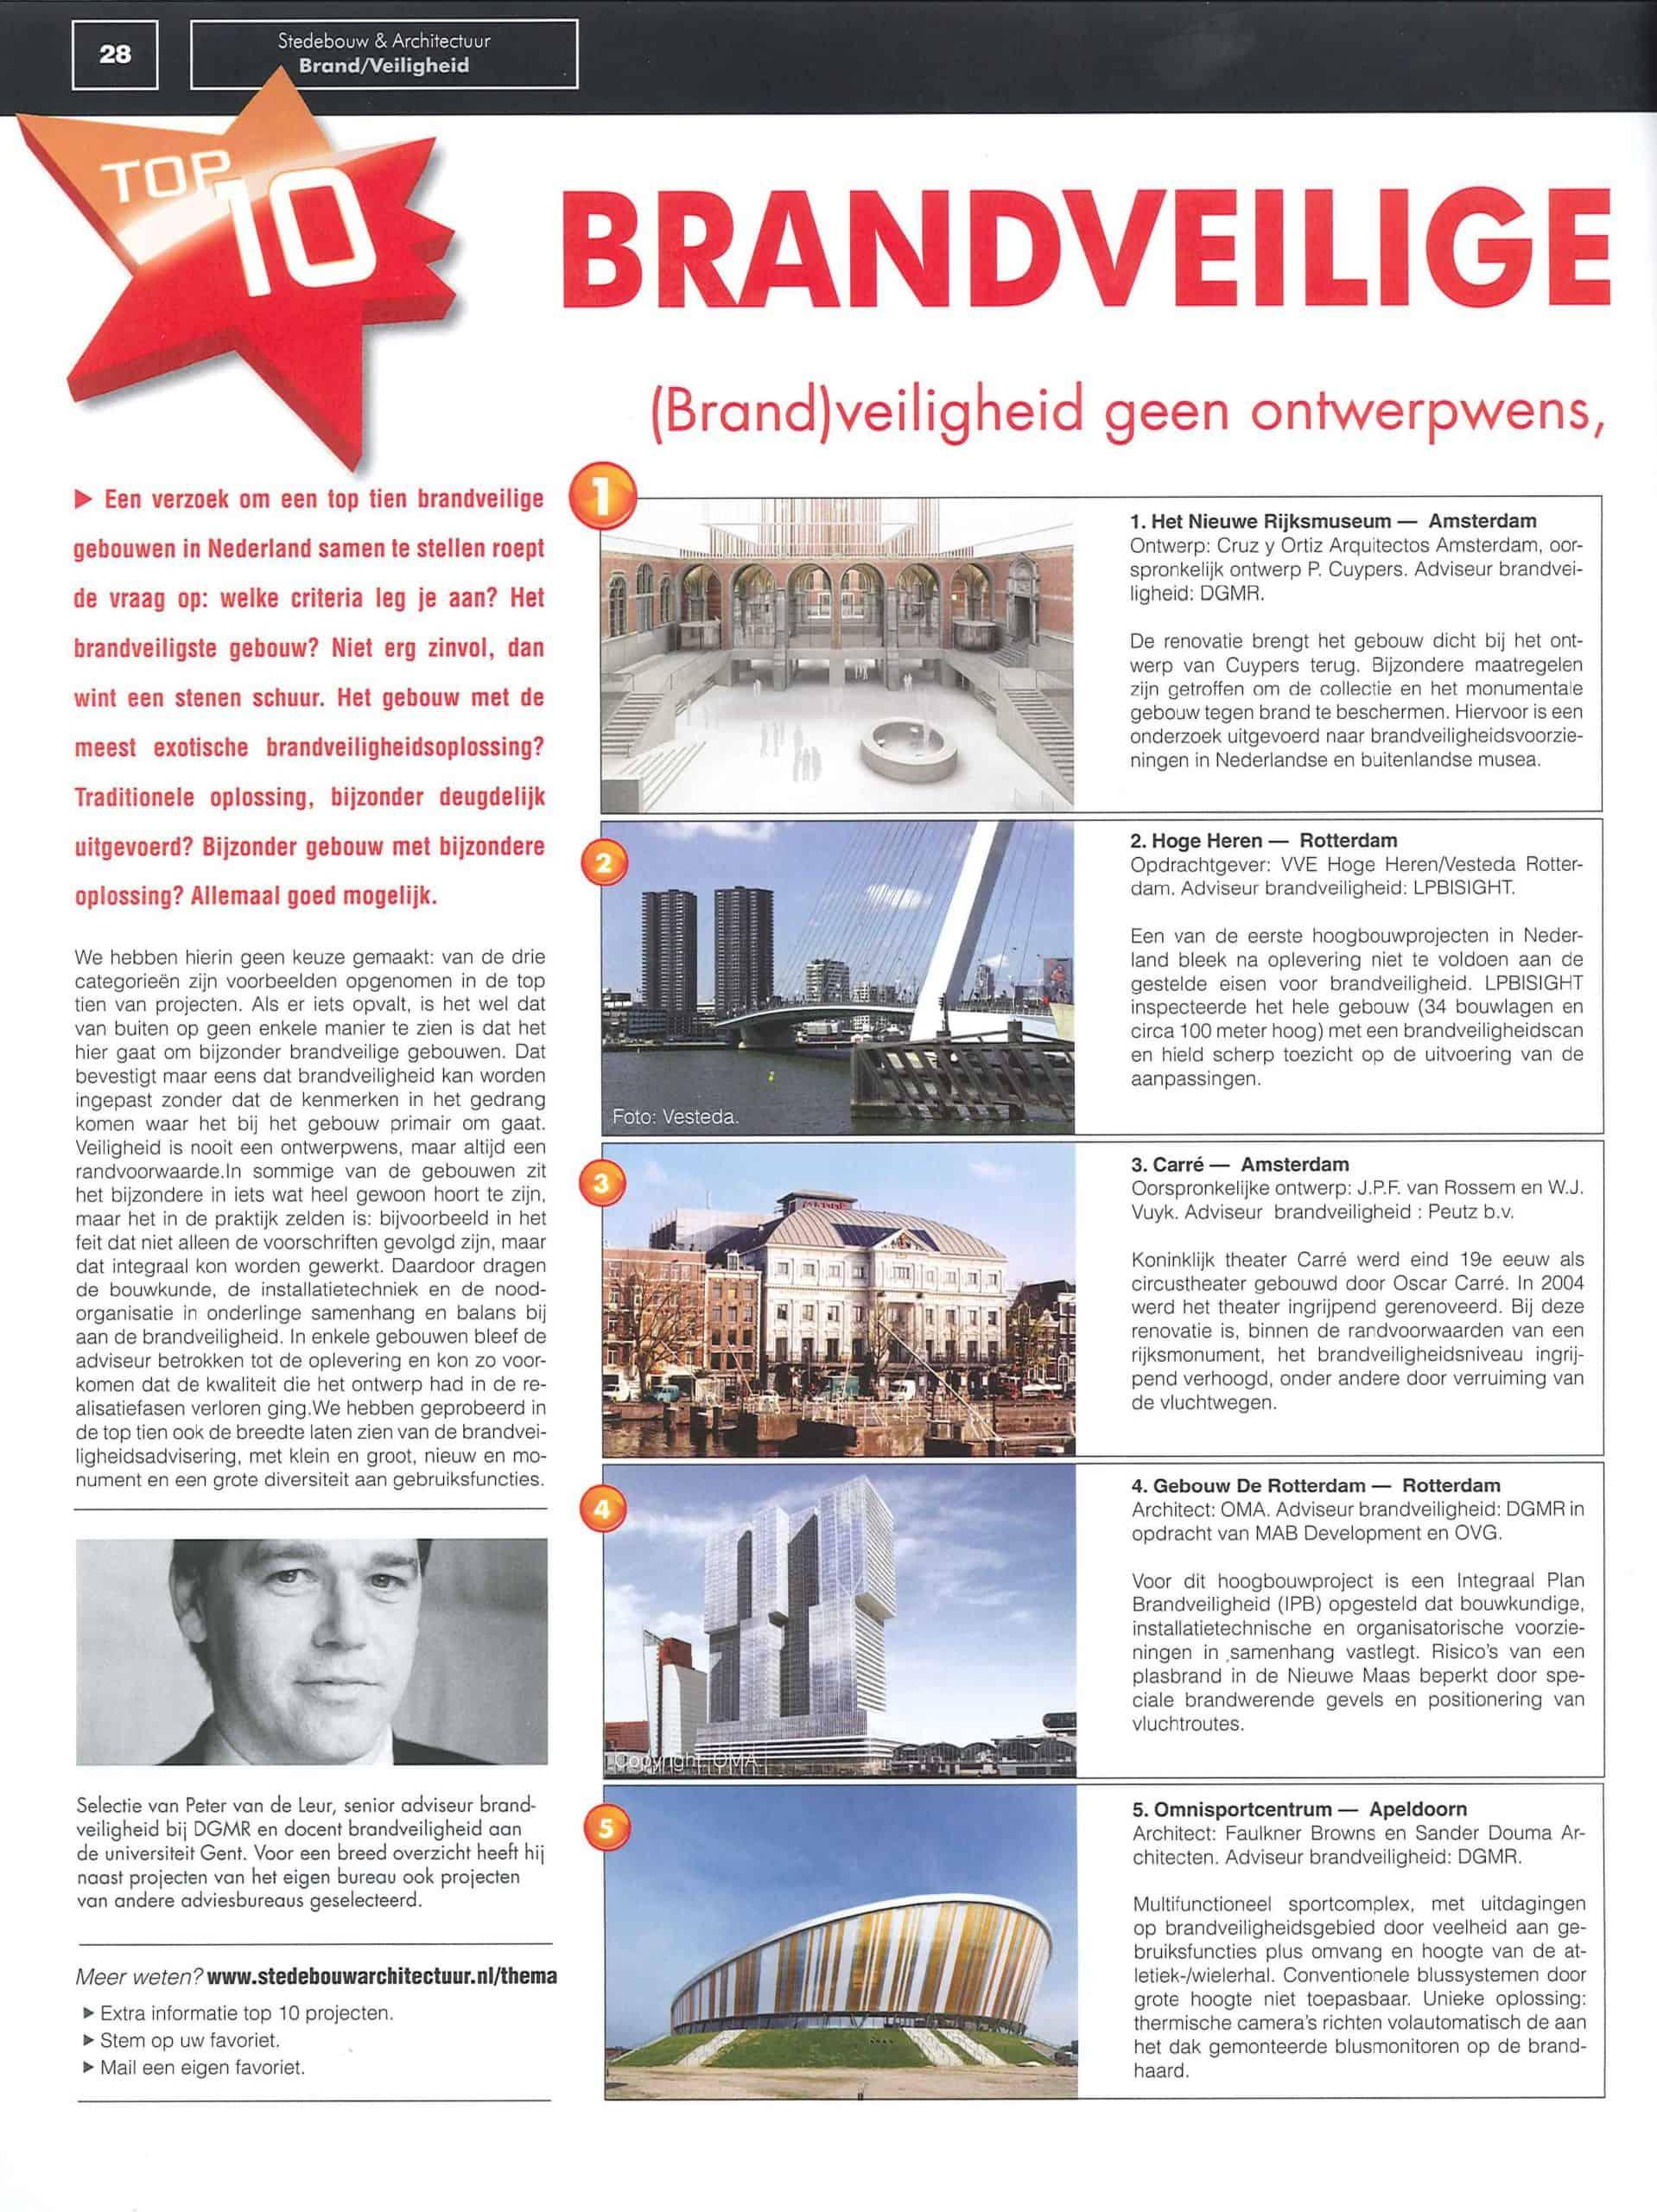 Stedebouw-en-Architectuur-2011-06_Top-10-brandveilige-gebouwen_1-1-scaled